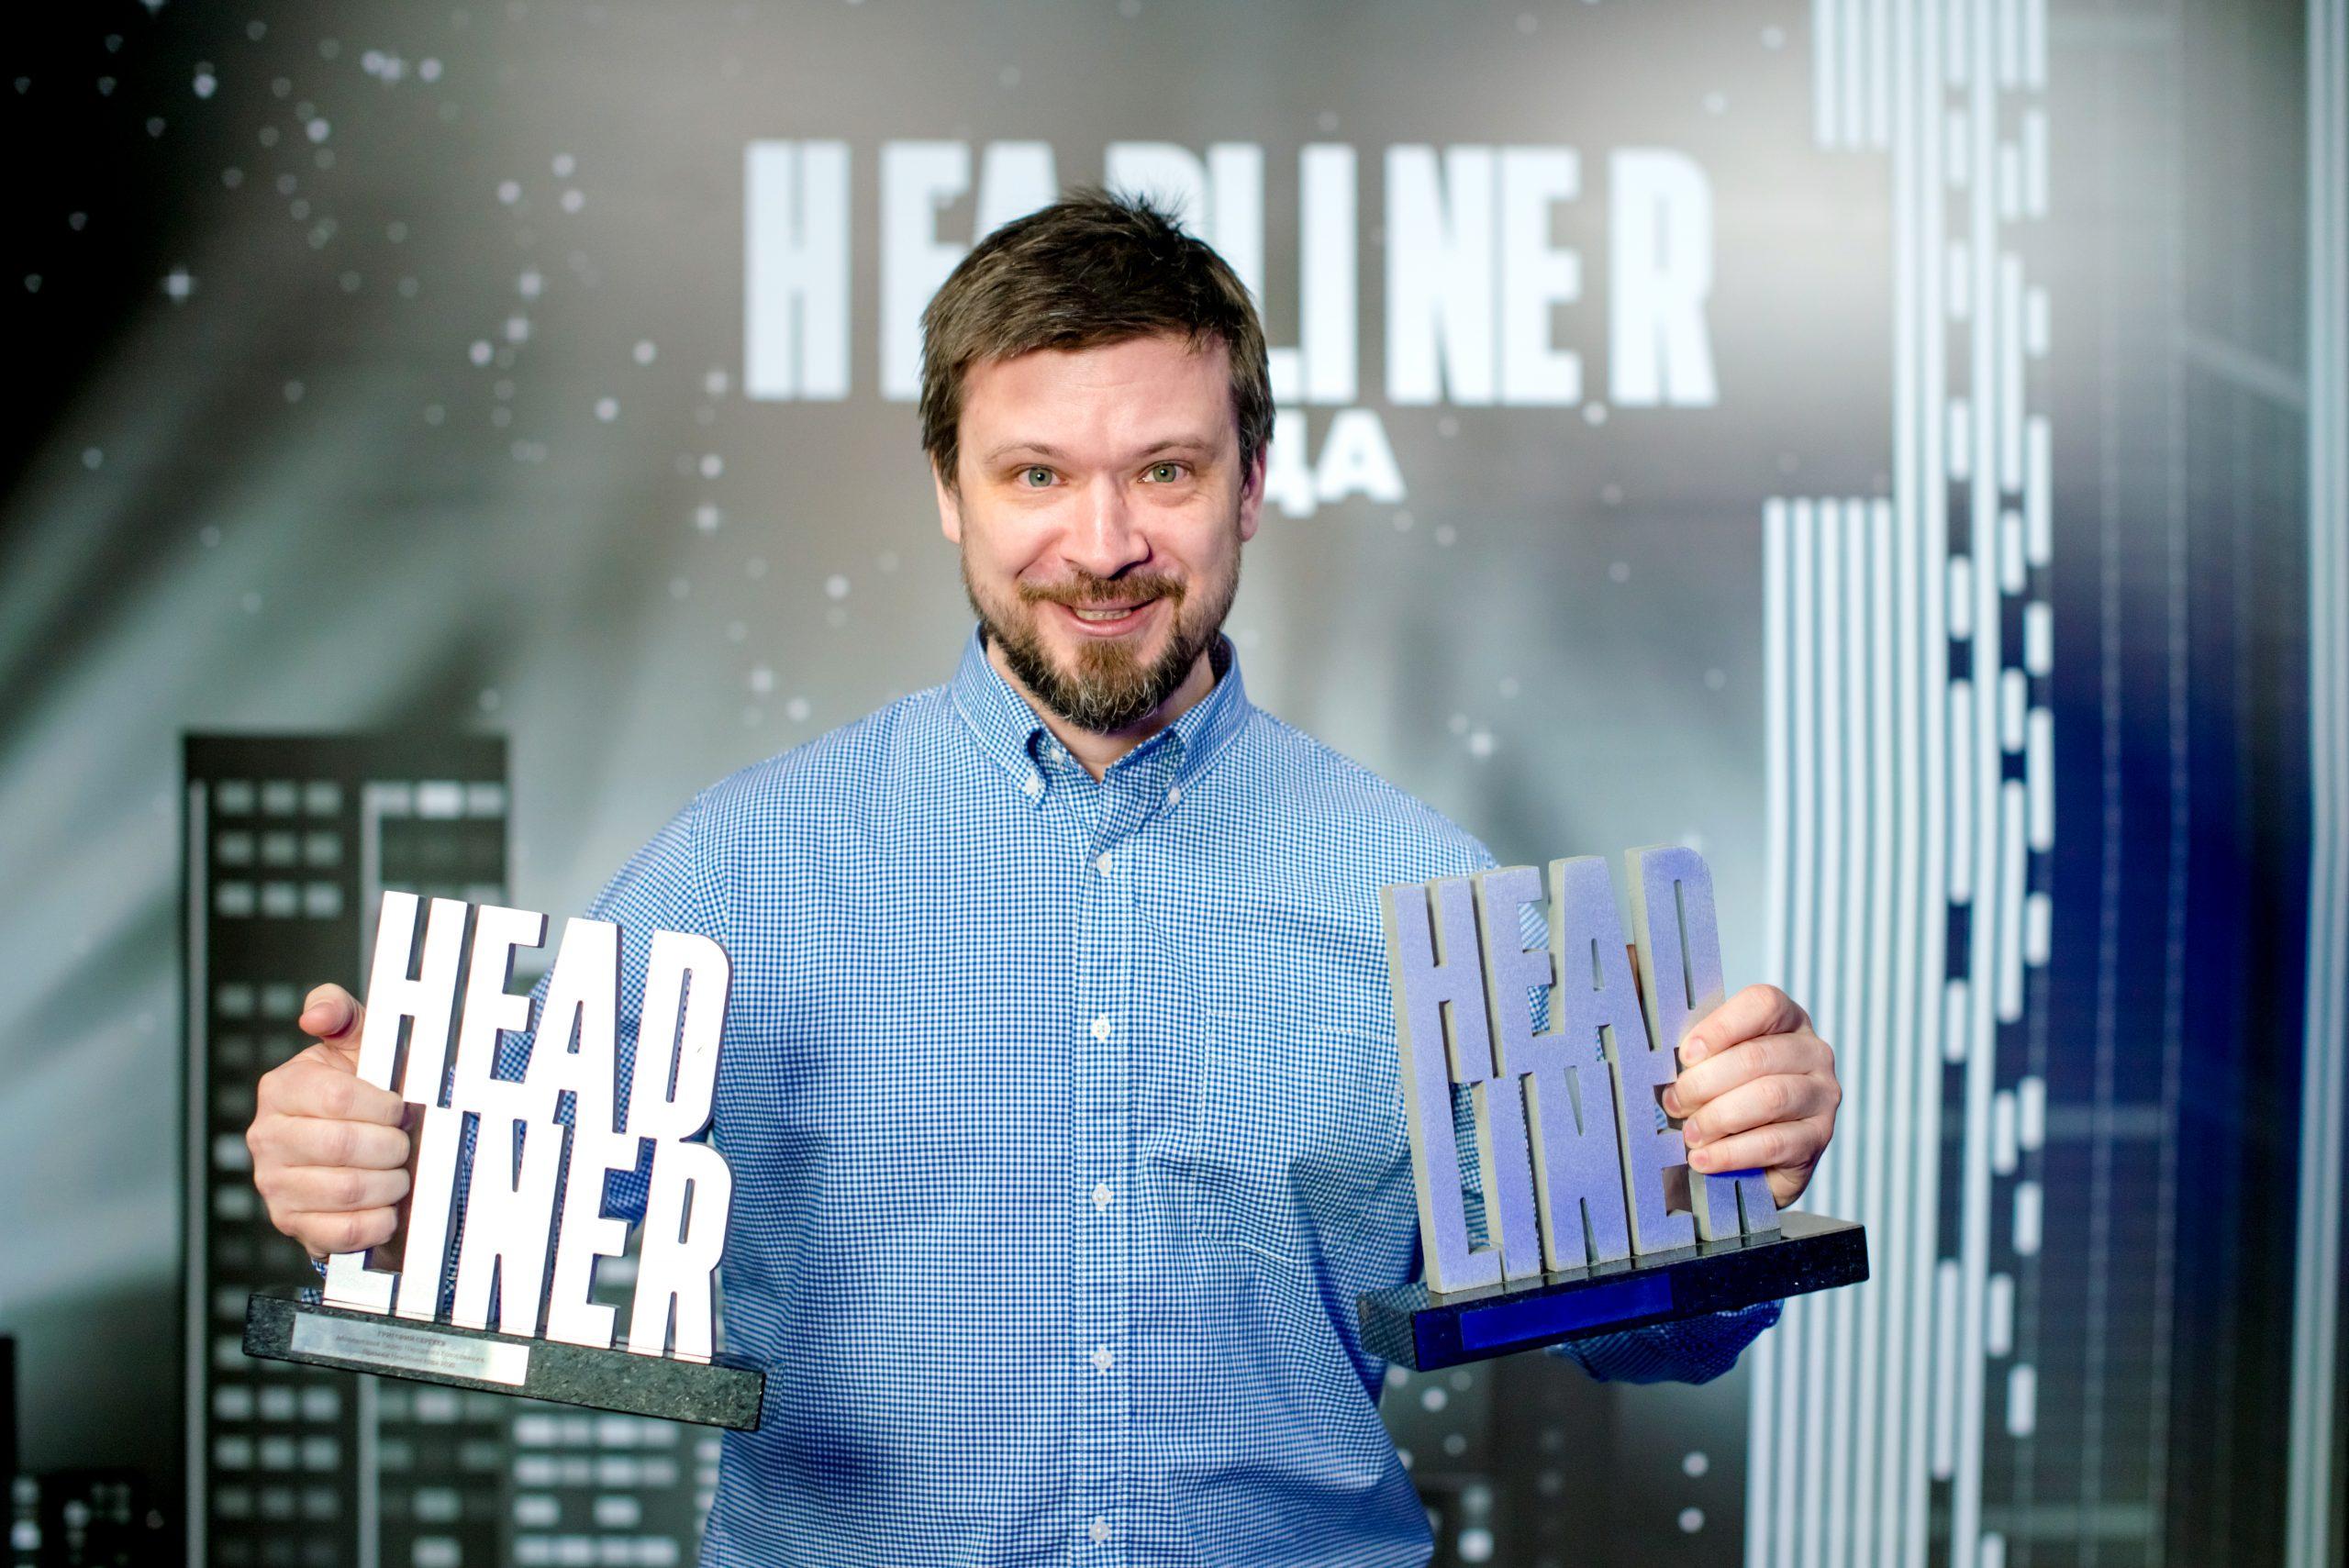 Подведены итоги Всероссийской премии  «Headliner года»